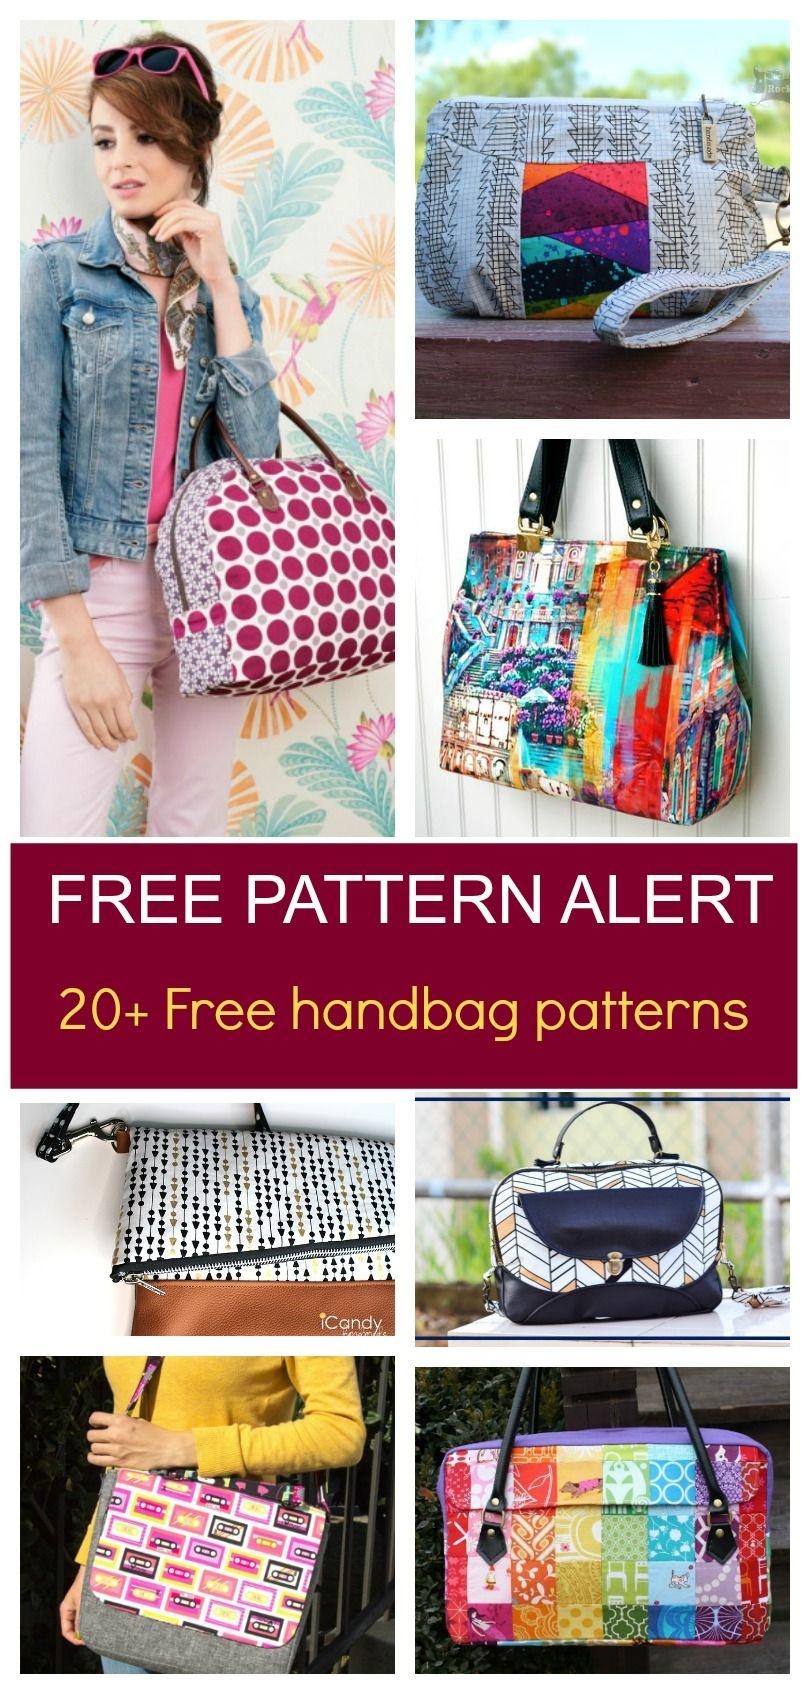 Free Pattern Alert: 20+ Handbag Sewing Patterns   Diy Sewing - Free Printable Purse Patterns To Sew